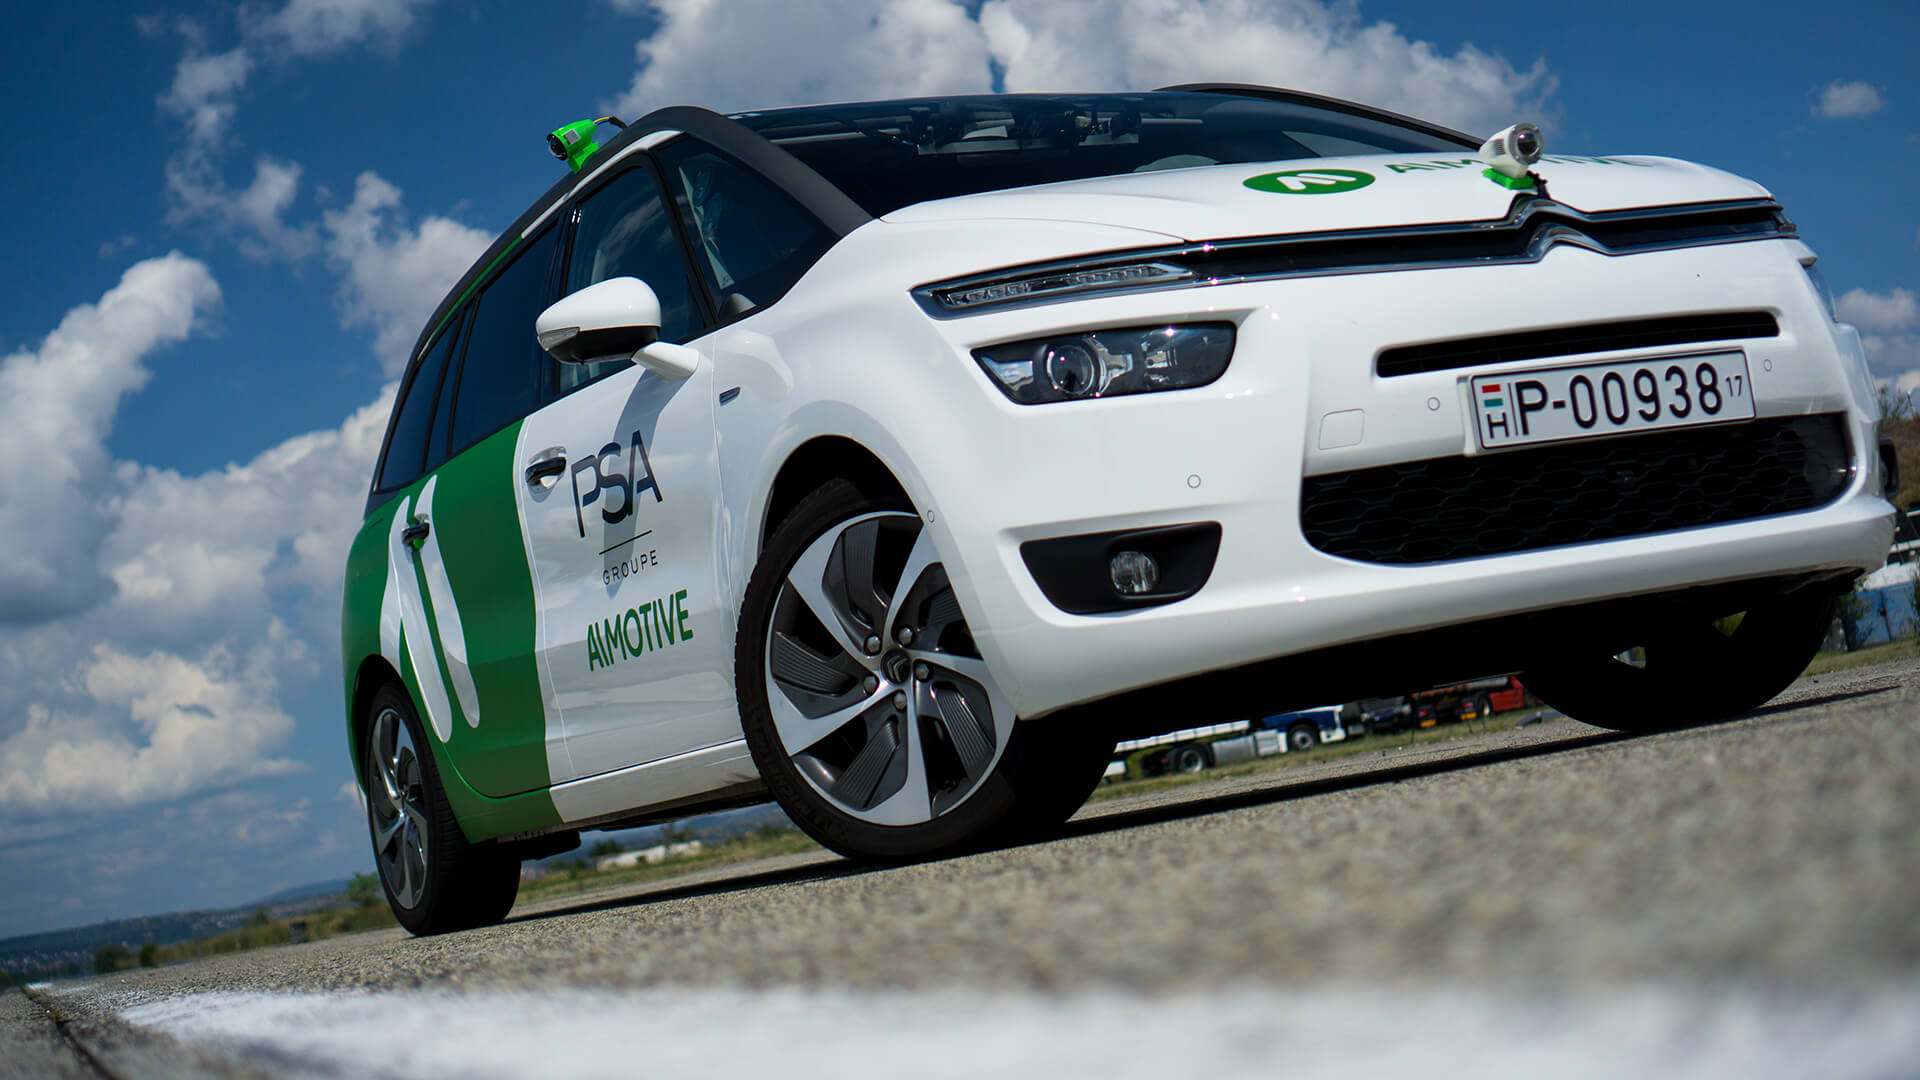 Автомобиль для испытаний, оснащенных камерами иавтономными технологиями компании AImotive